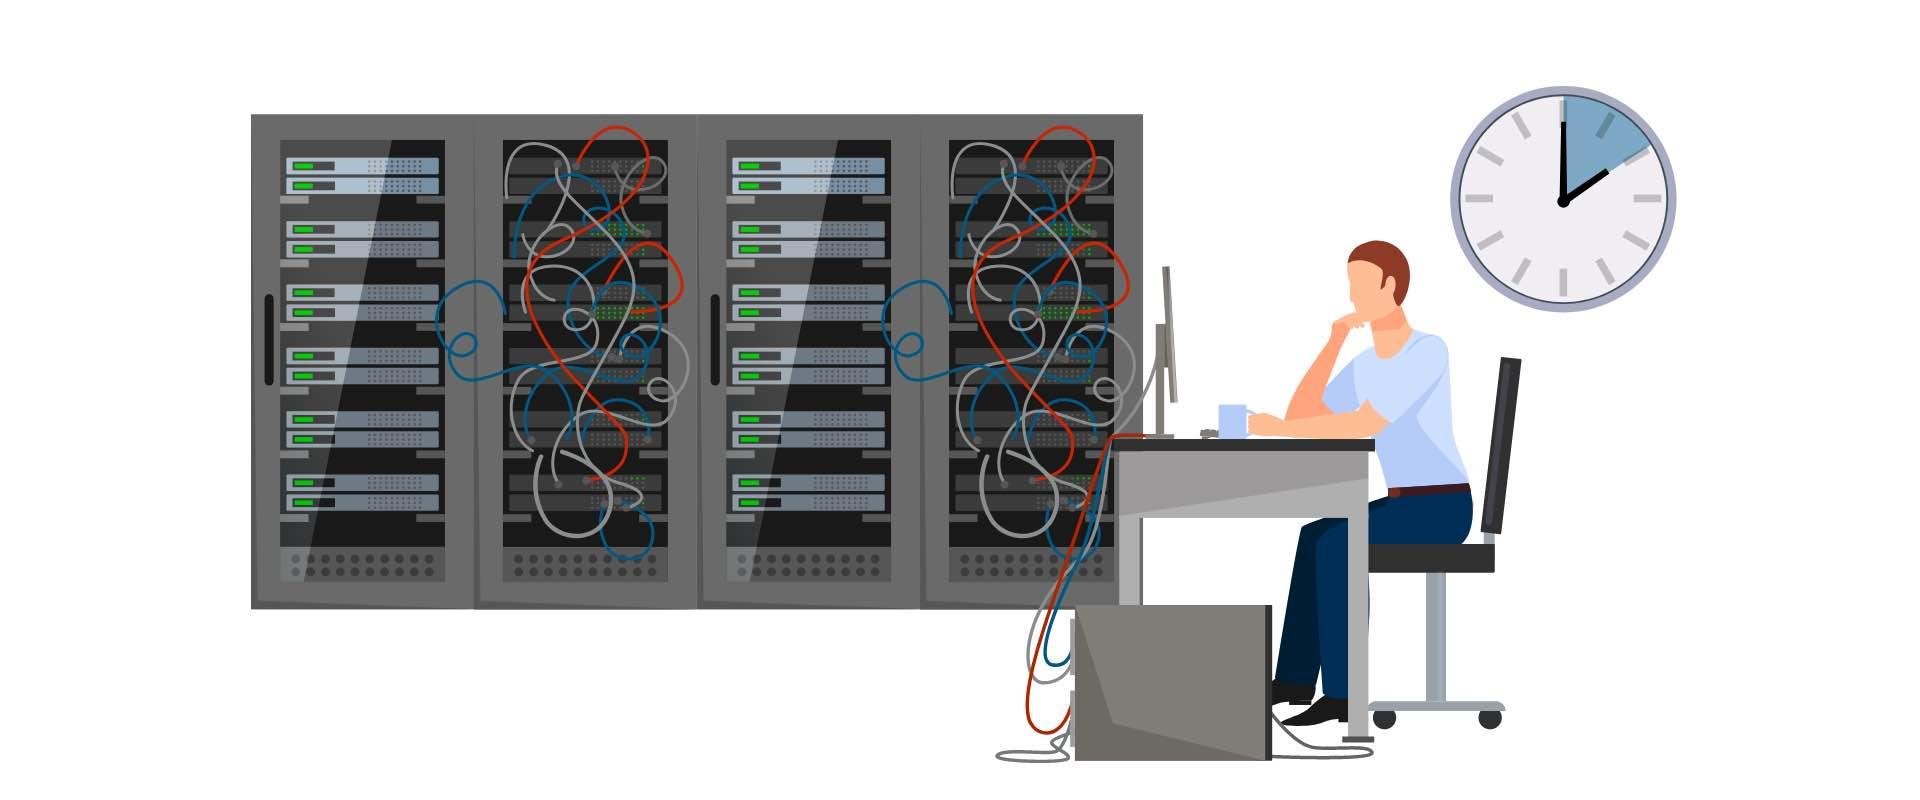 課題3: IT部門の働き方改革